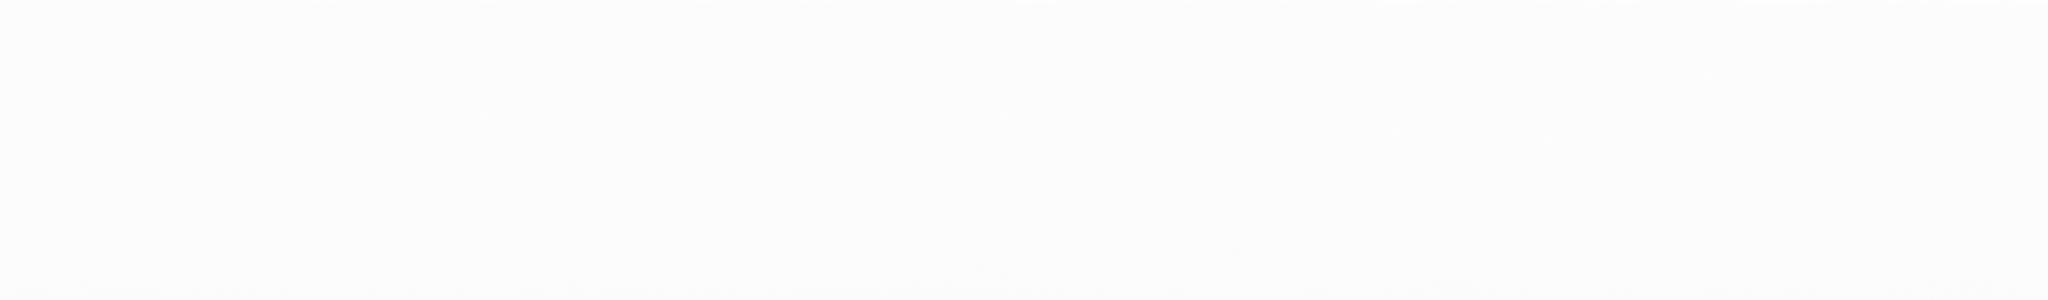 HU 101264 ABS hrana bílá arktic hladká lesk 90°